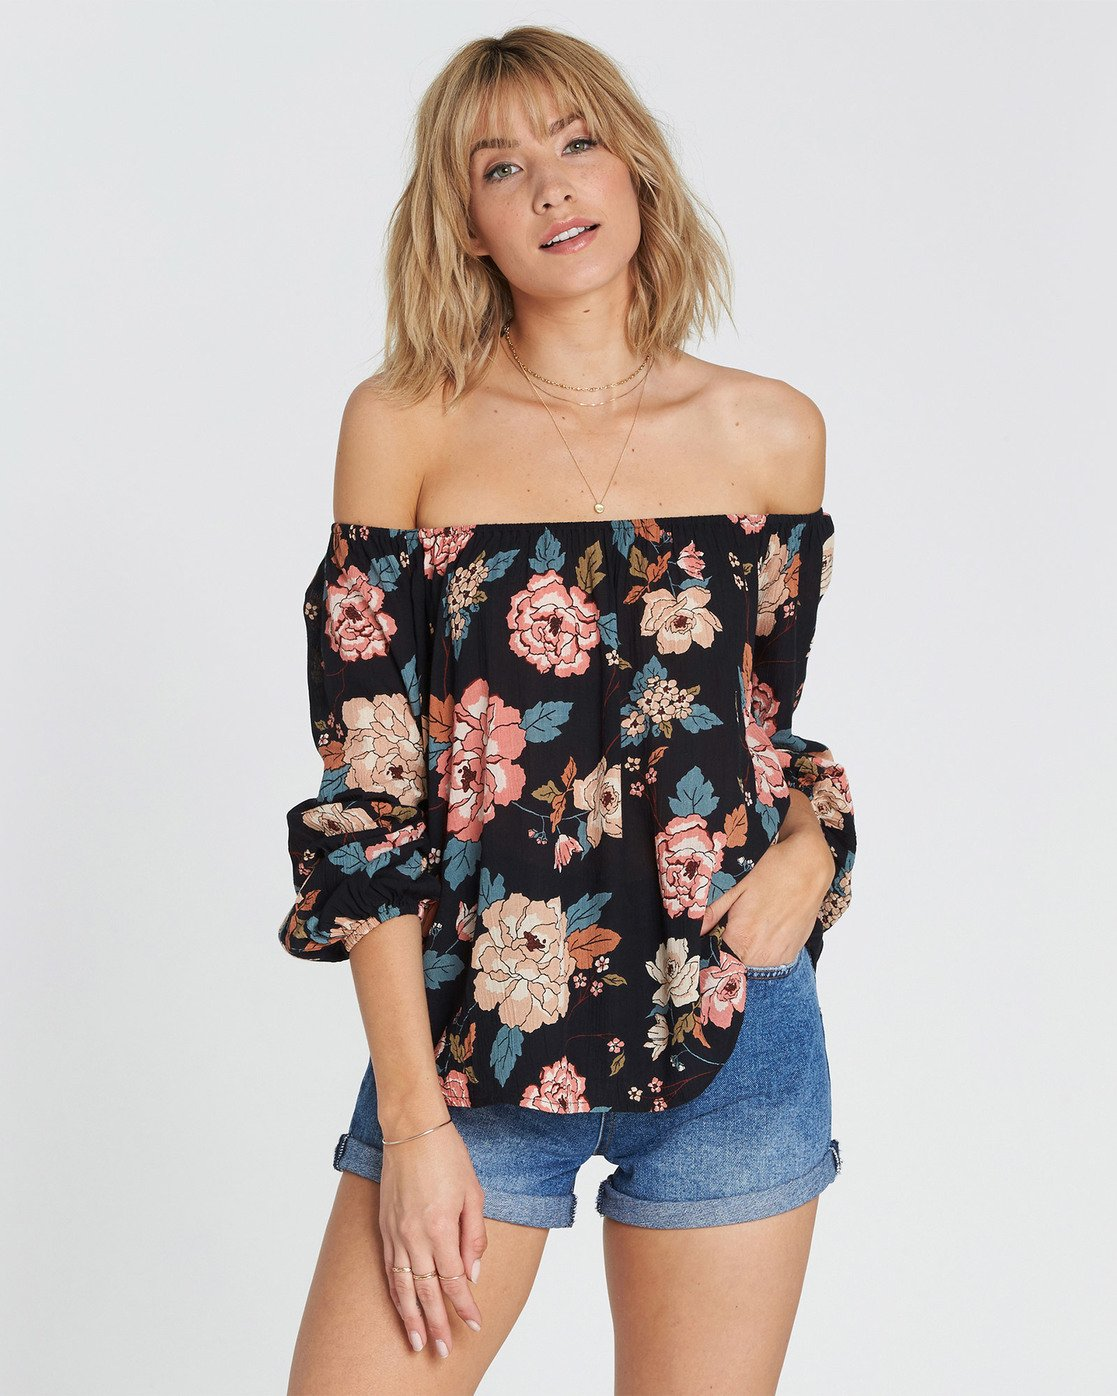 8d8b6d505f3b73 0 Mi Amore Floral Print Off-The-Shoulder Top Black J530SBMI Billabong